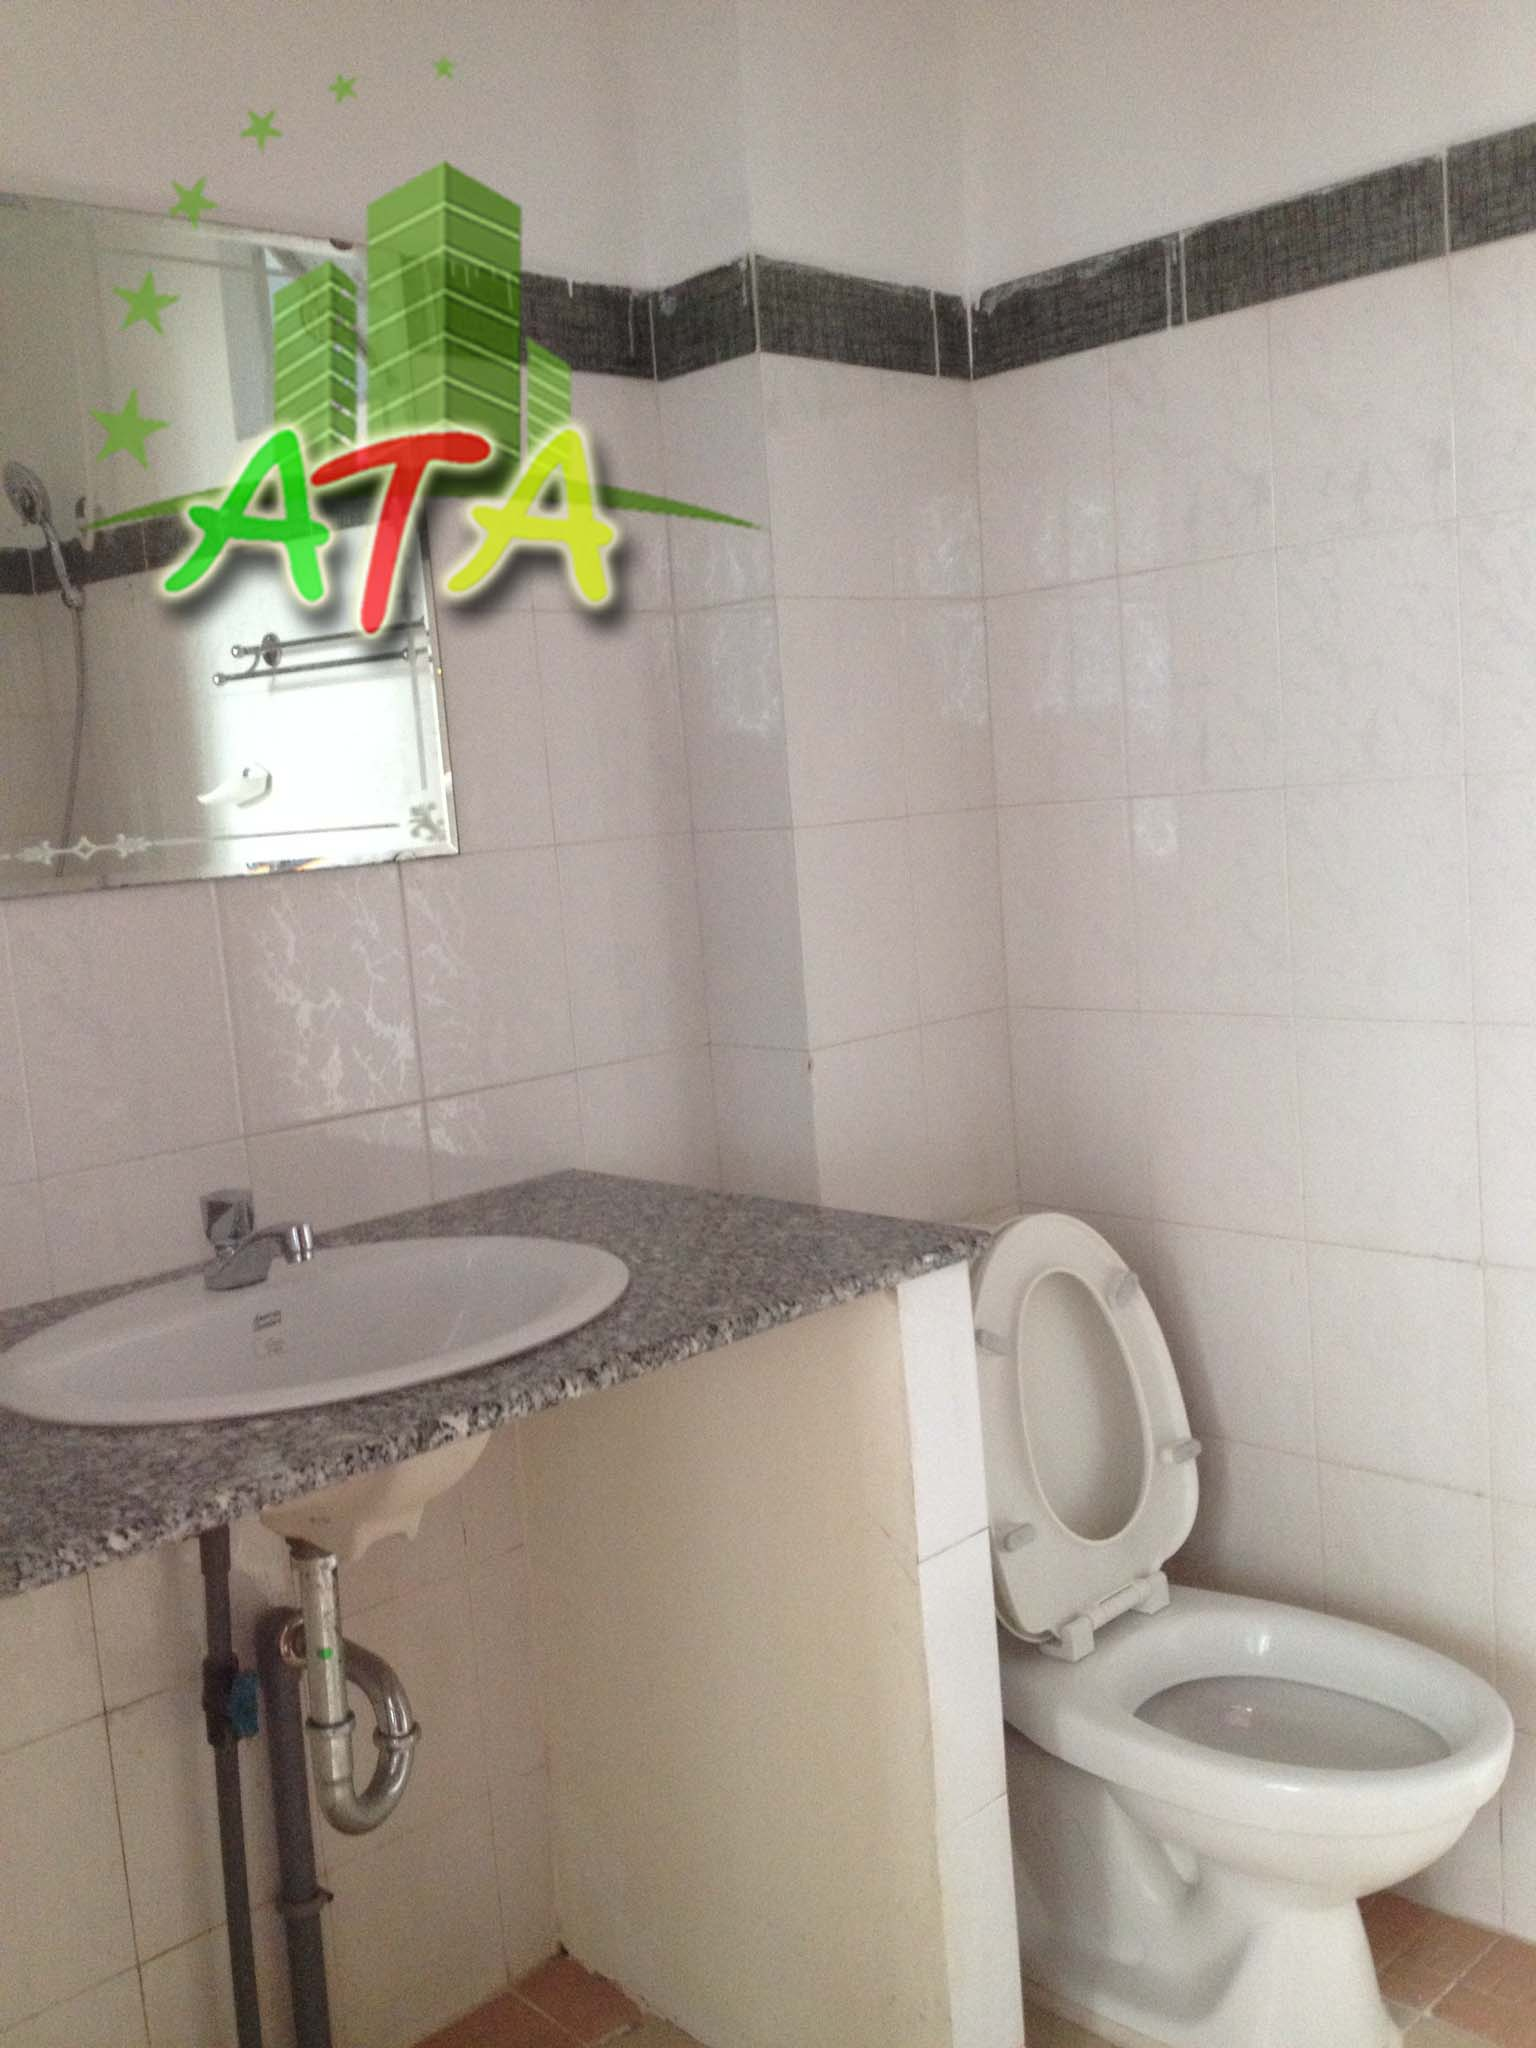 nhà cho thuê quận Bình Thạnh, Phường 27, nhà cho thuê giá rẻ, house for rent in Binh Thanh District